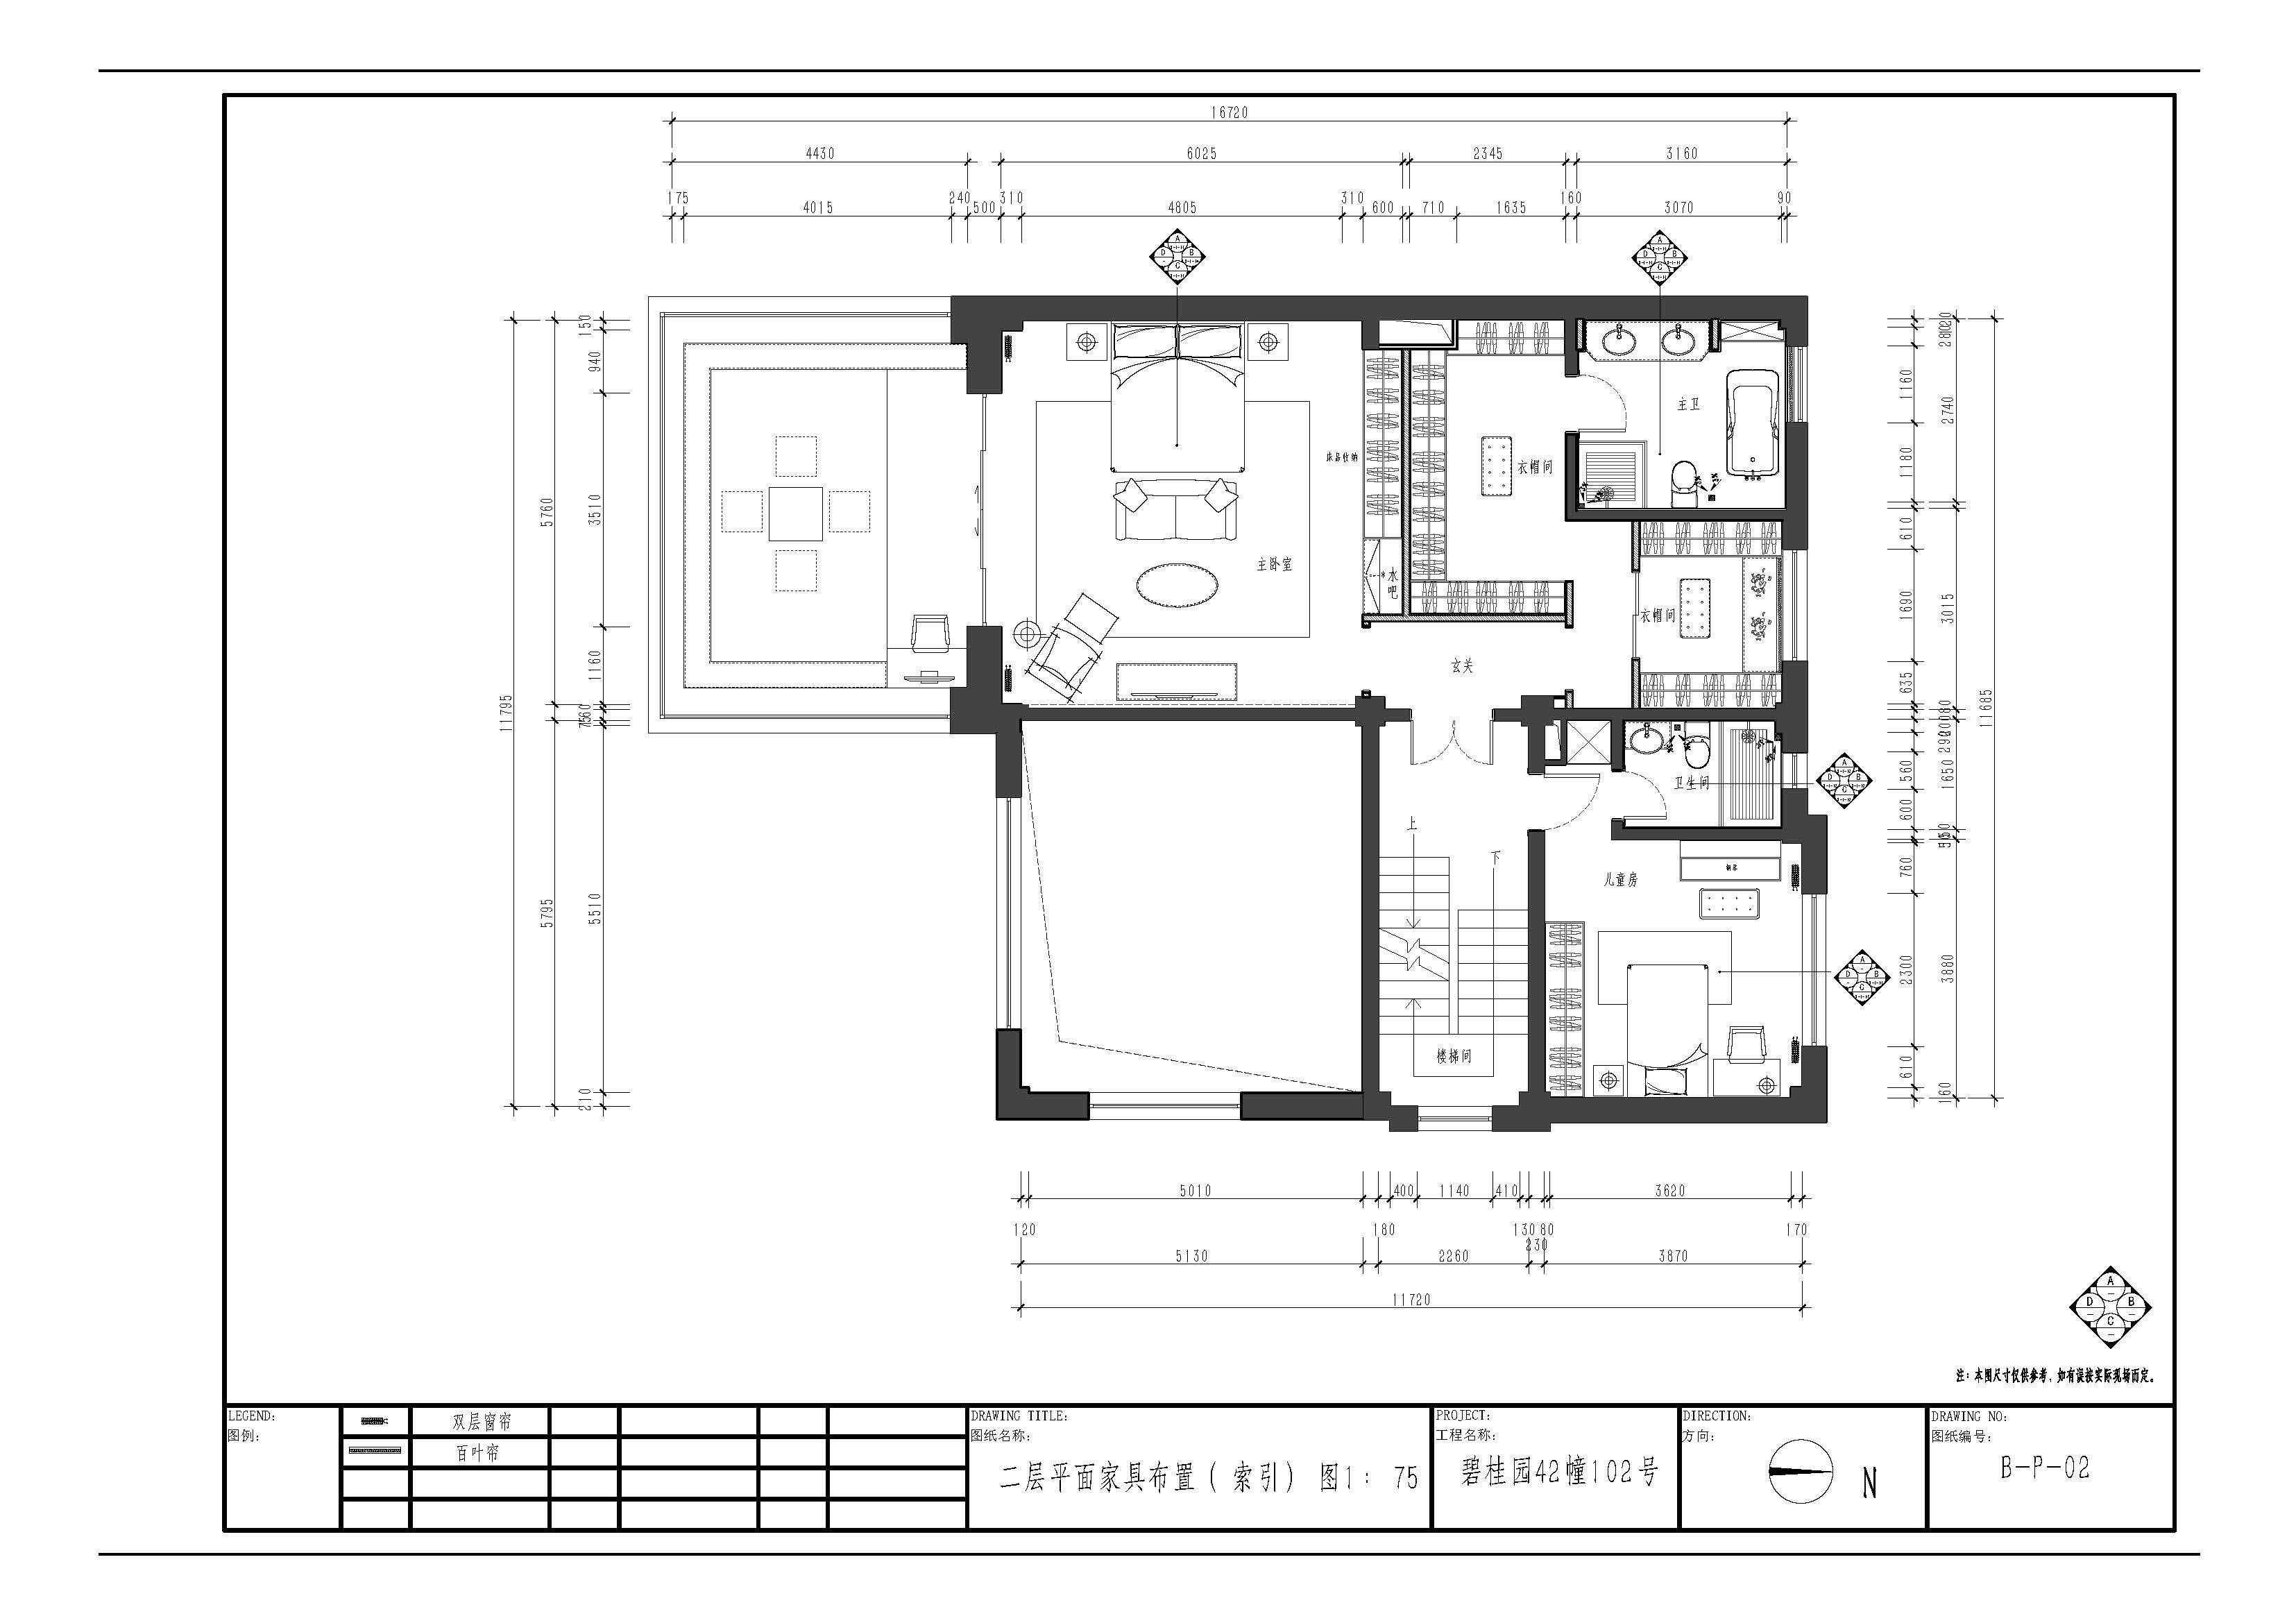 260平米美式风格别墅装修图-融创玫瑰园装修设计理念